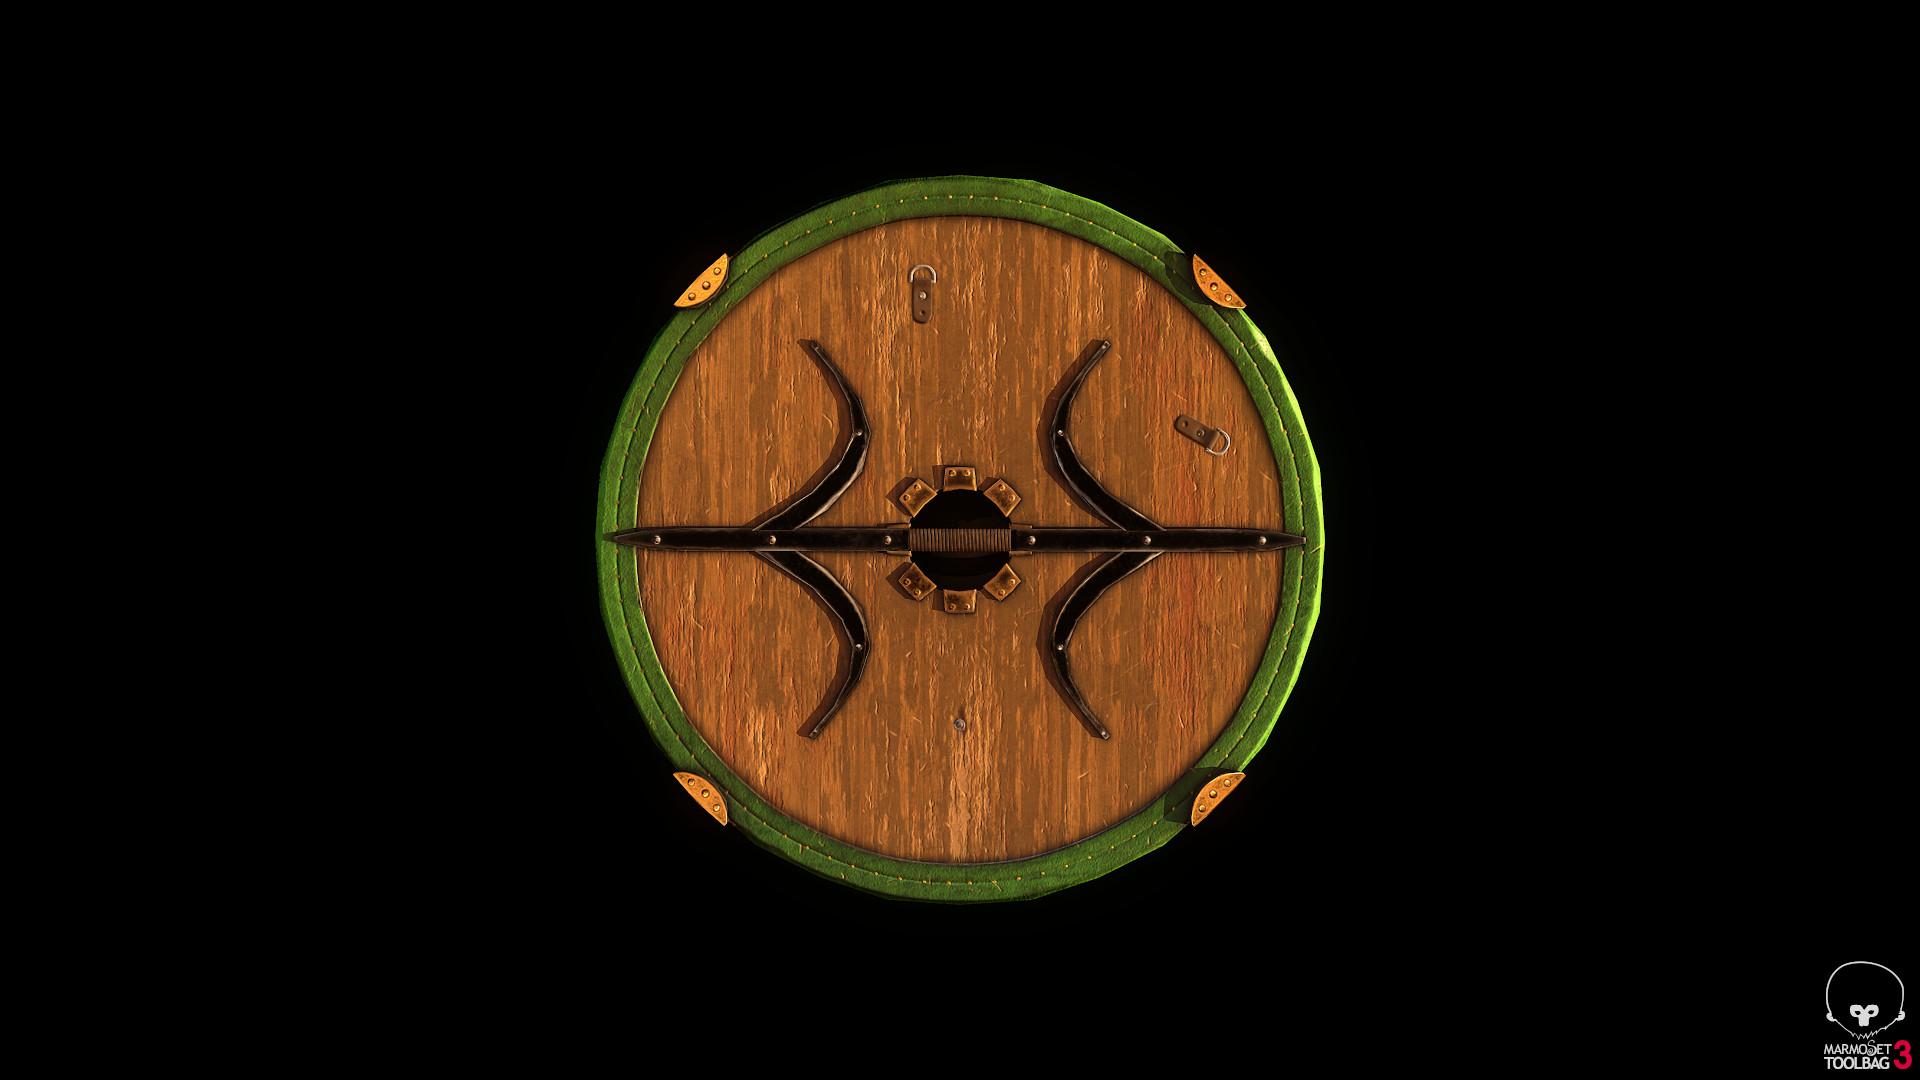 Bela csampai s4h rohan shield eorl guard 01 render mt 03